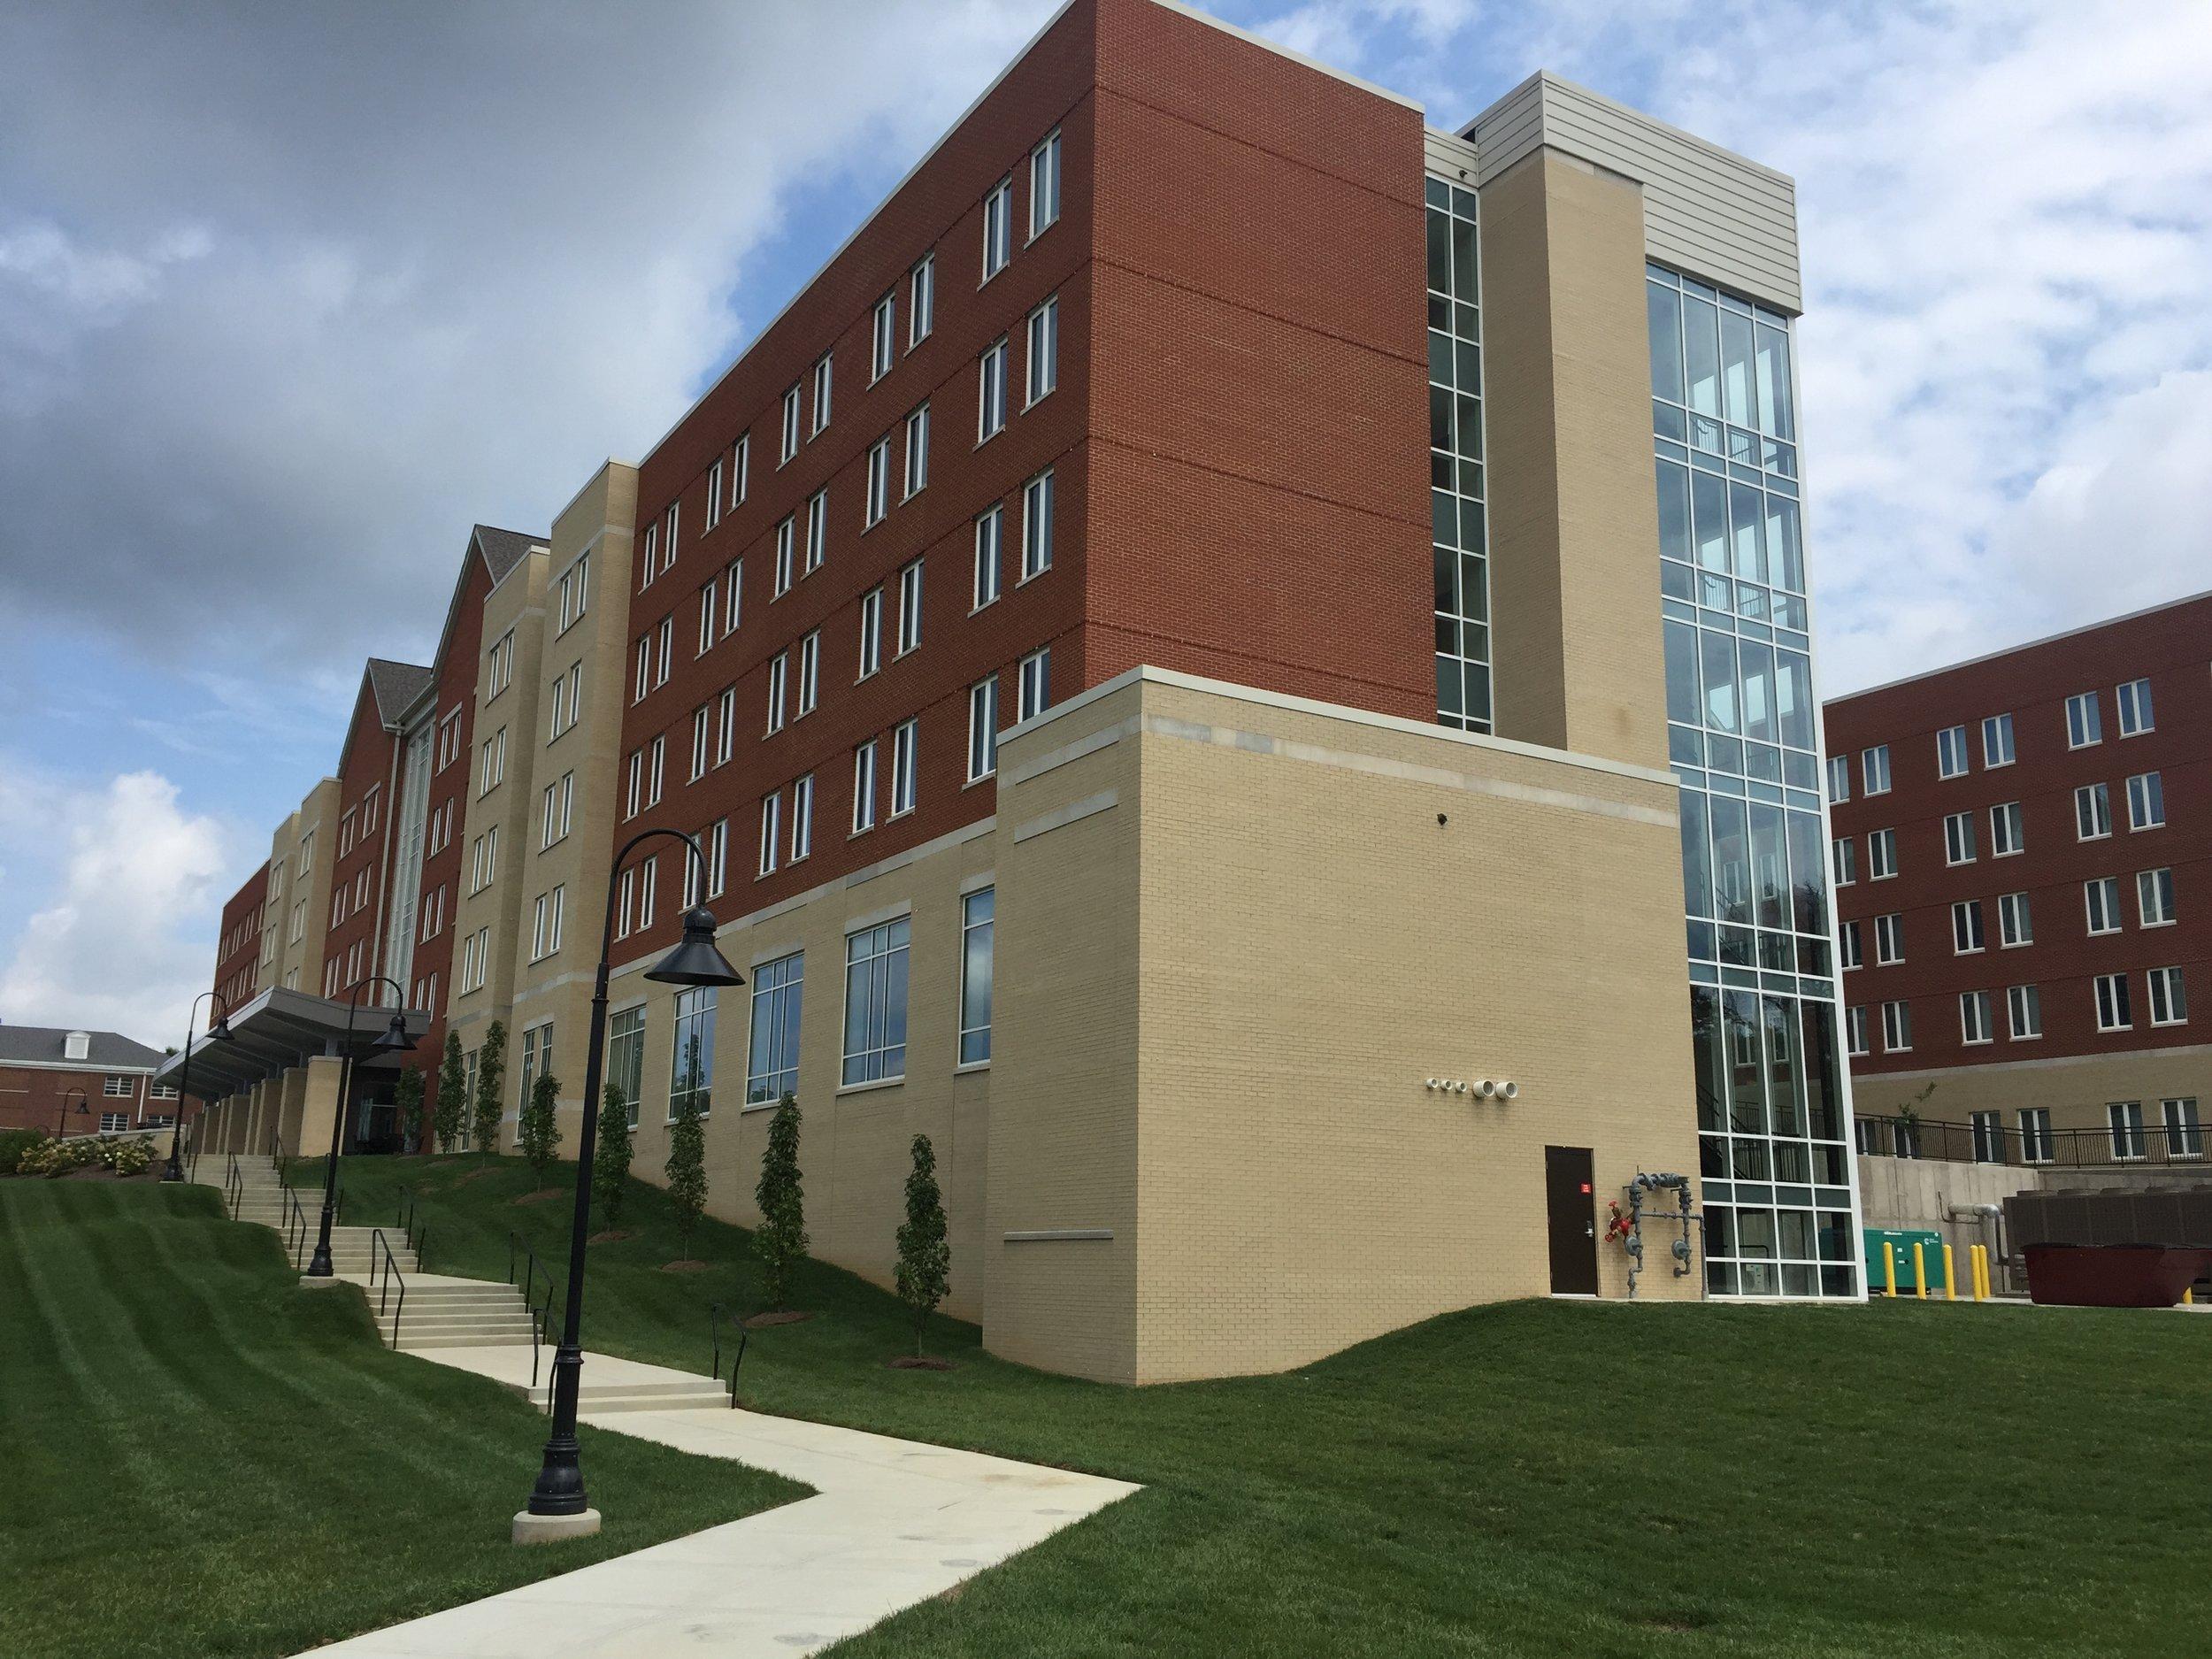 Eastern Kentucky University - Martin Hall